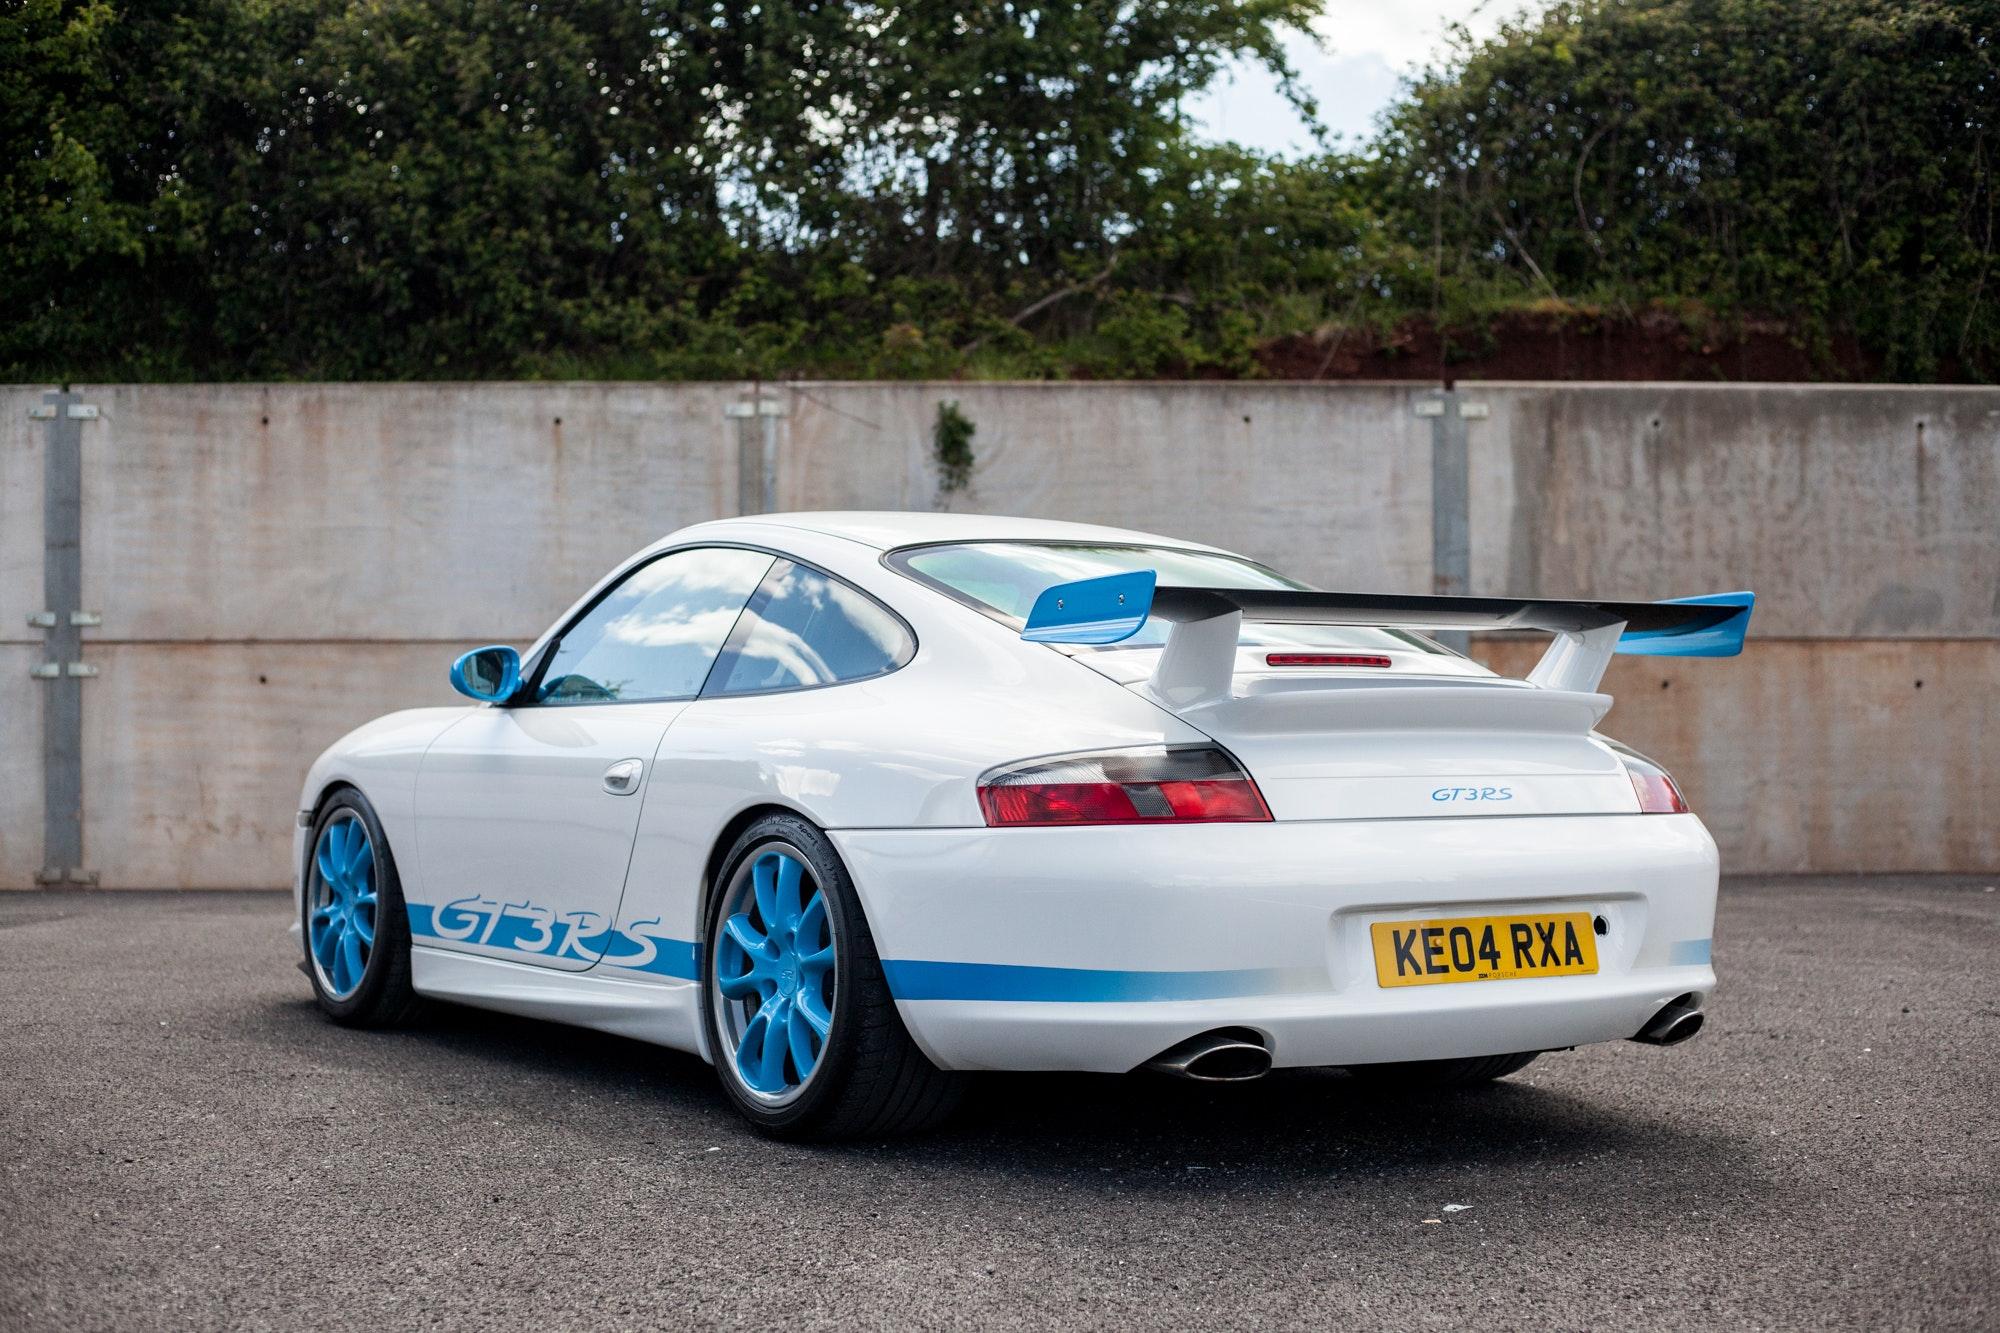 2004 Porsche 911 996 Gt3 Rs